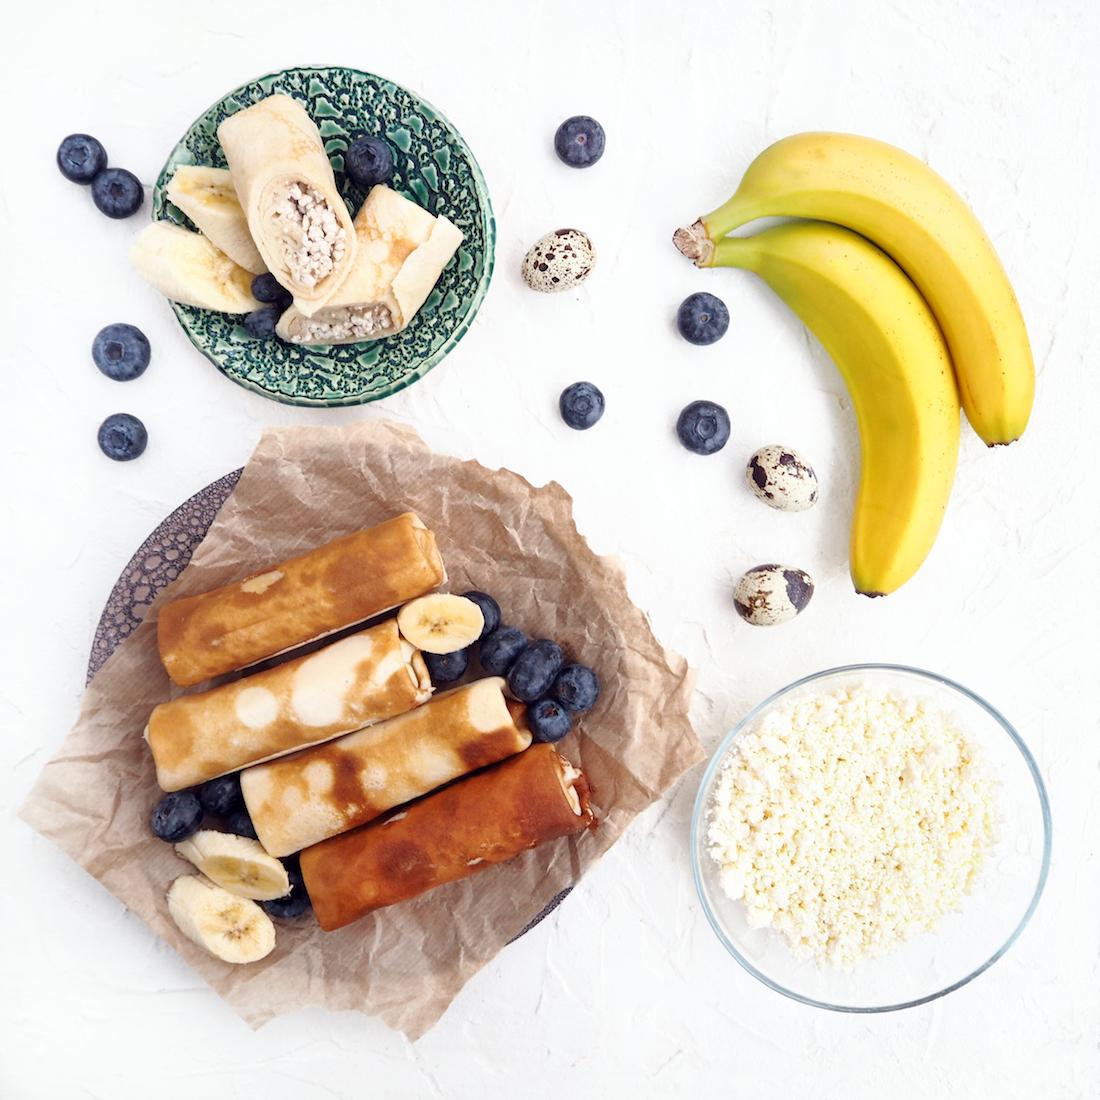 Замороженные блинчики с бананом и творогом (5 шт., 450 г)